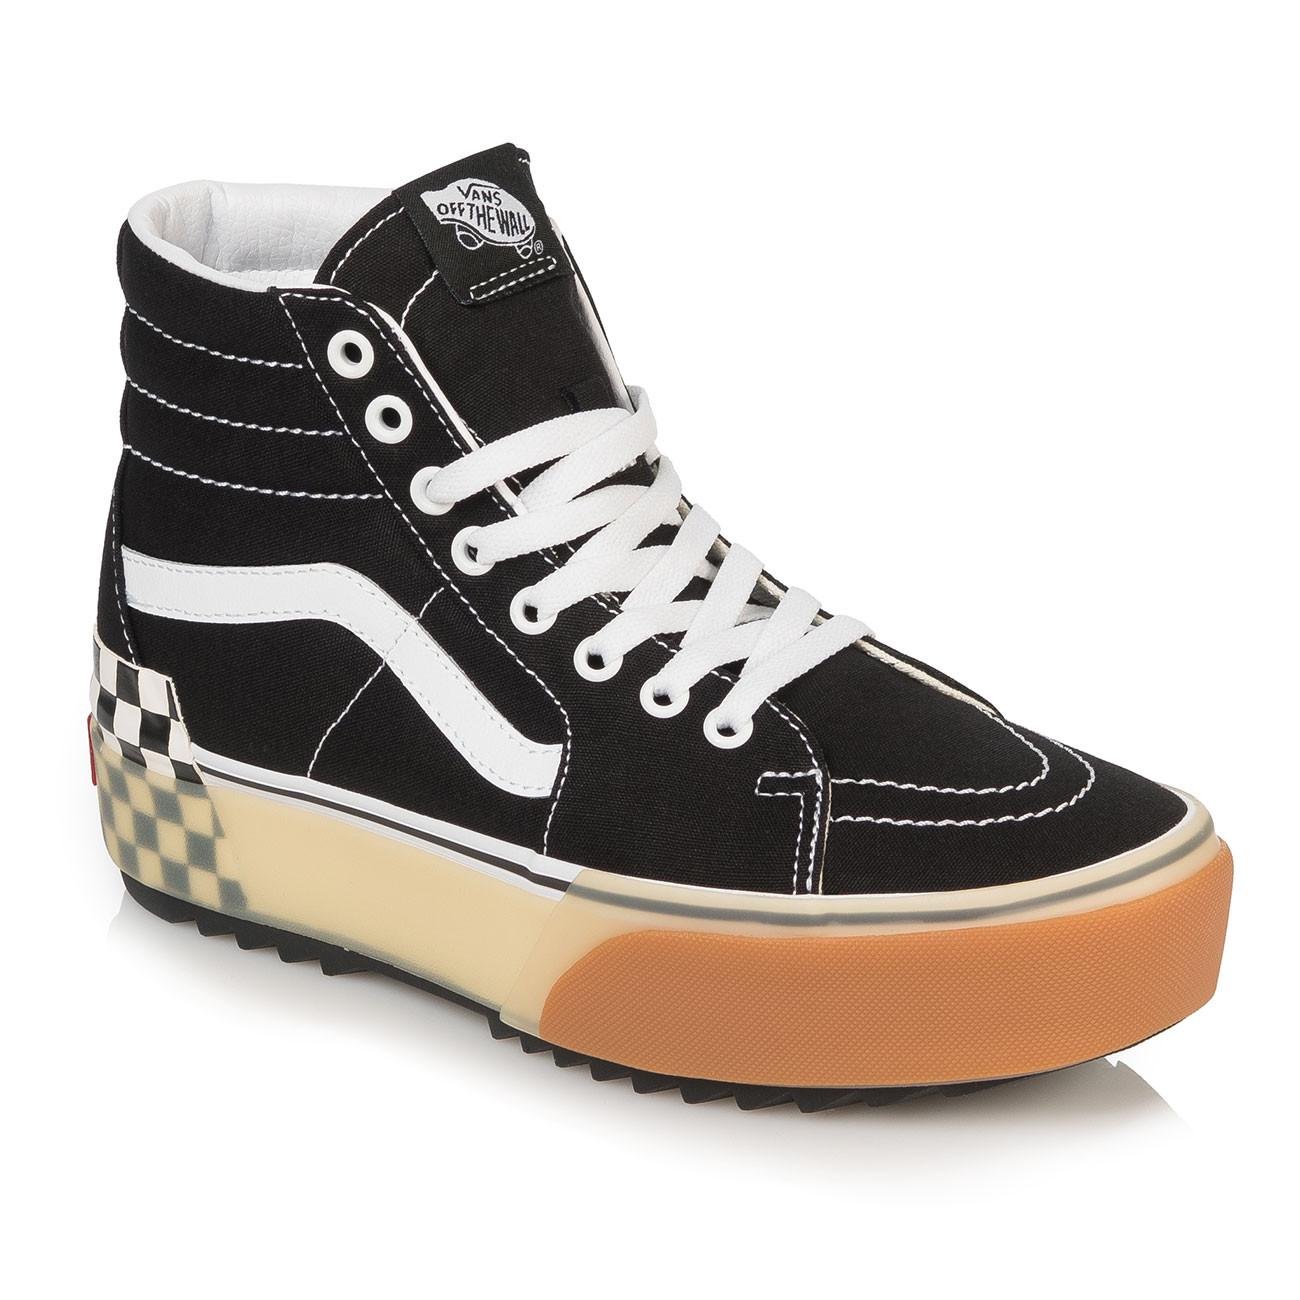 Skate shoes Vans Sk8-Hi Stacked black